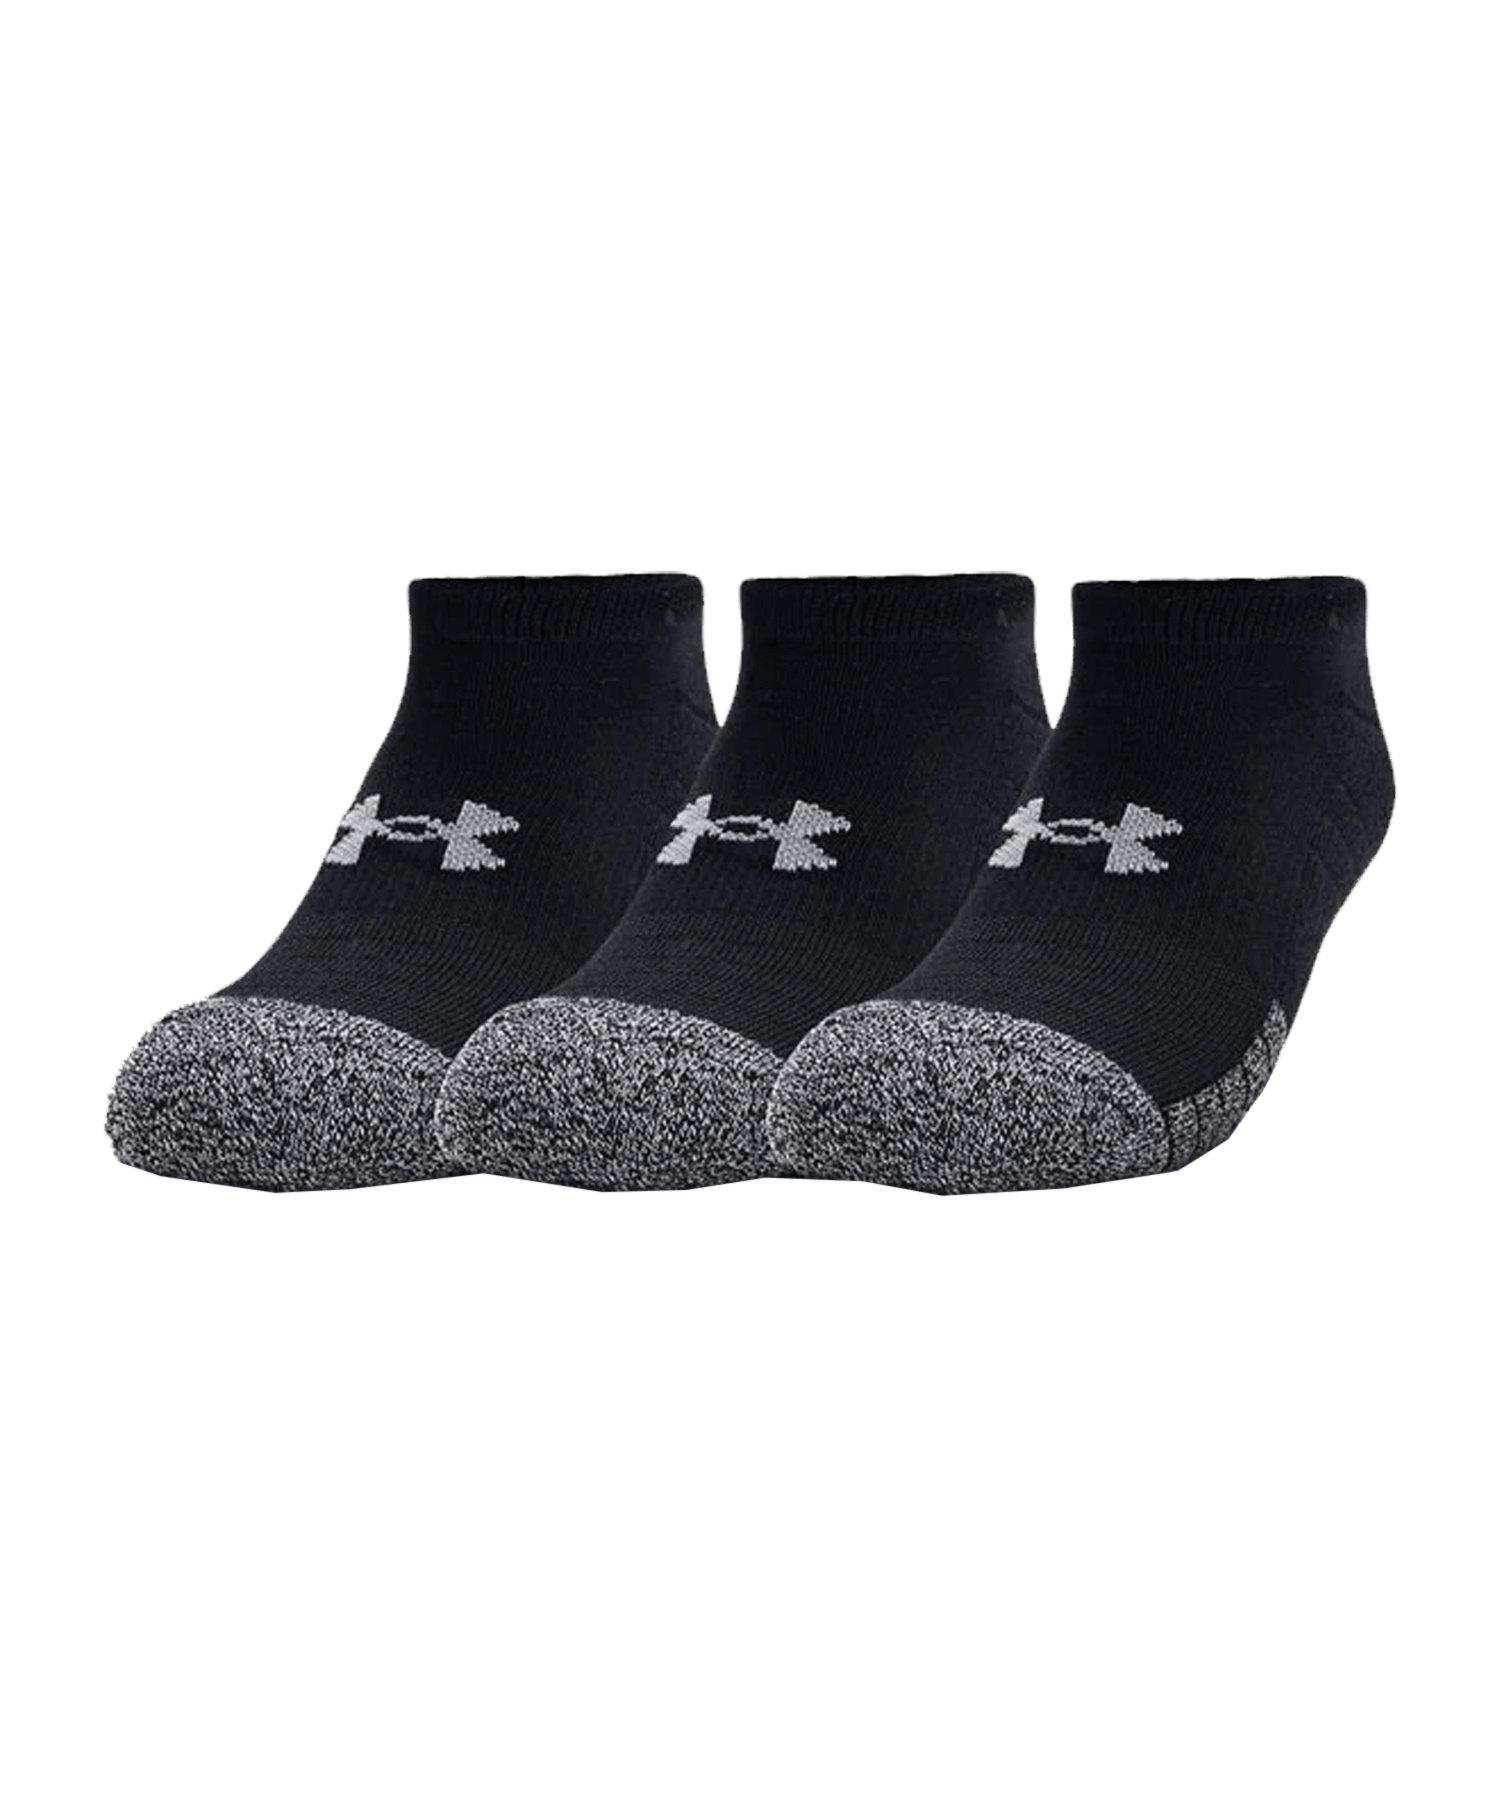 Under Armour HeatGear NoShow Socken F001 - schwarz